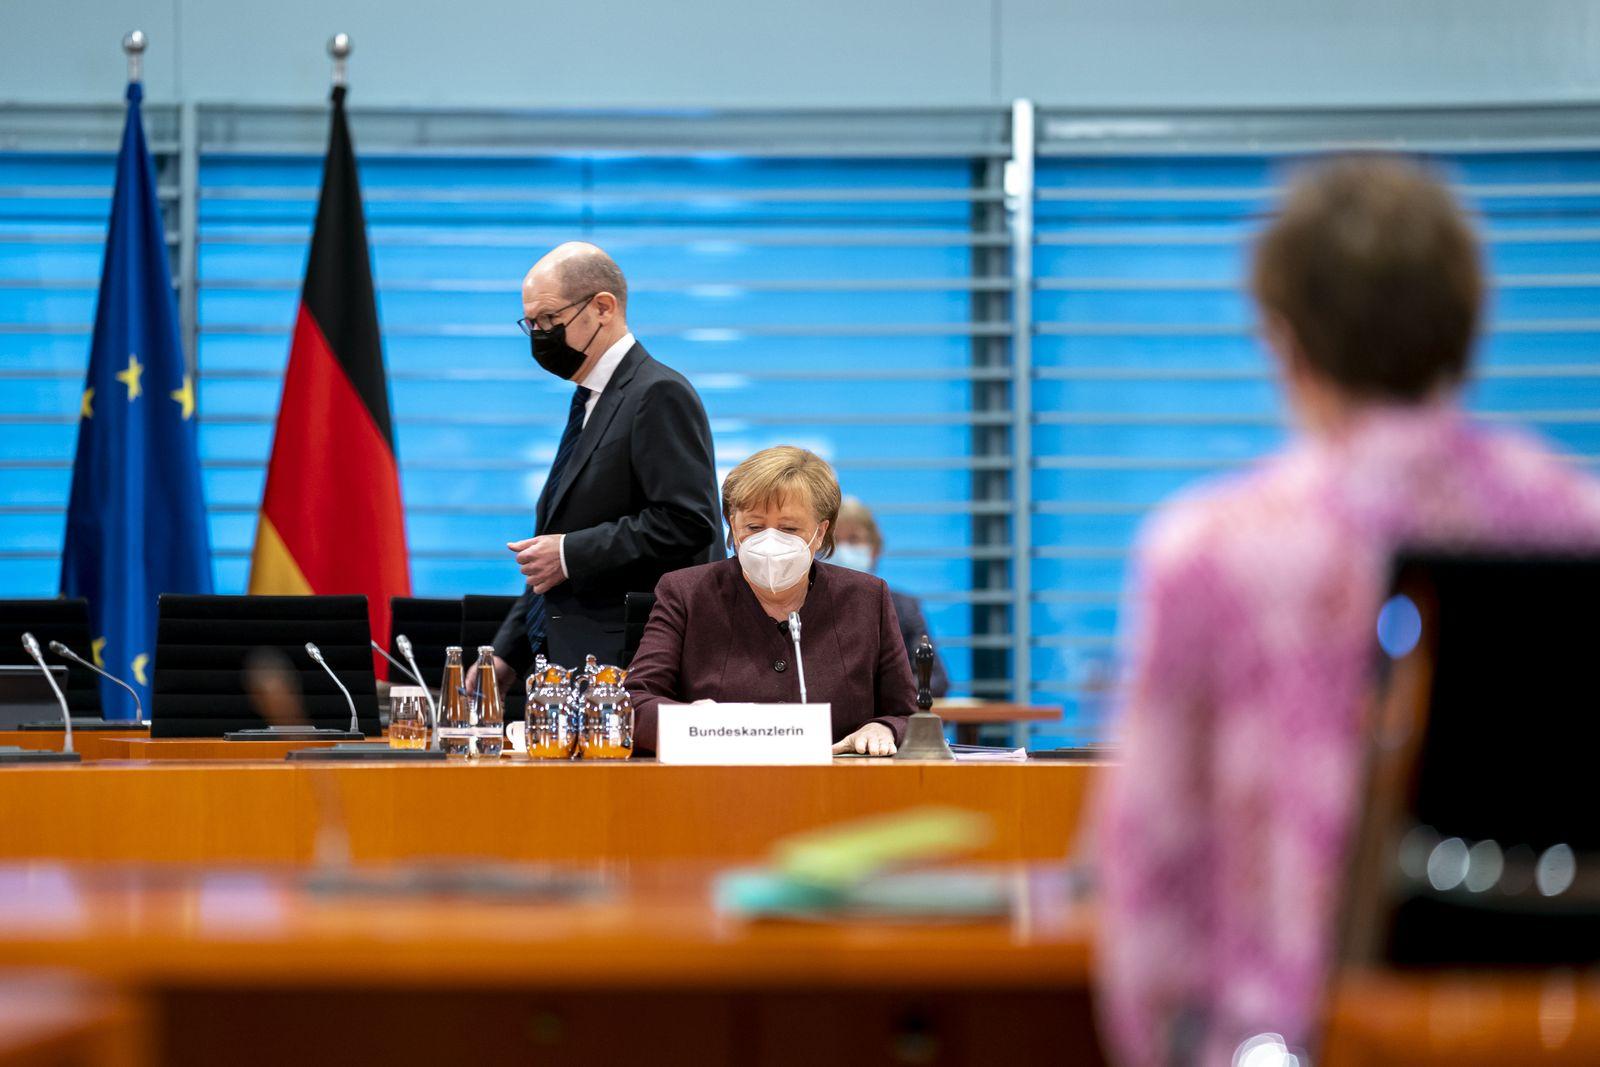 Weekly meeting of the German Federal Cabinet in Berlin, Germany - 10 Feb 2021